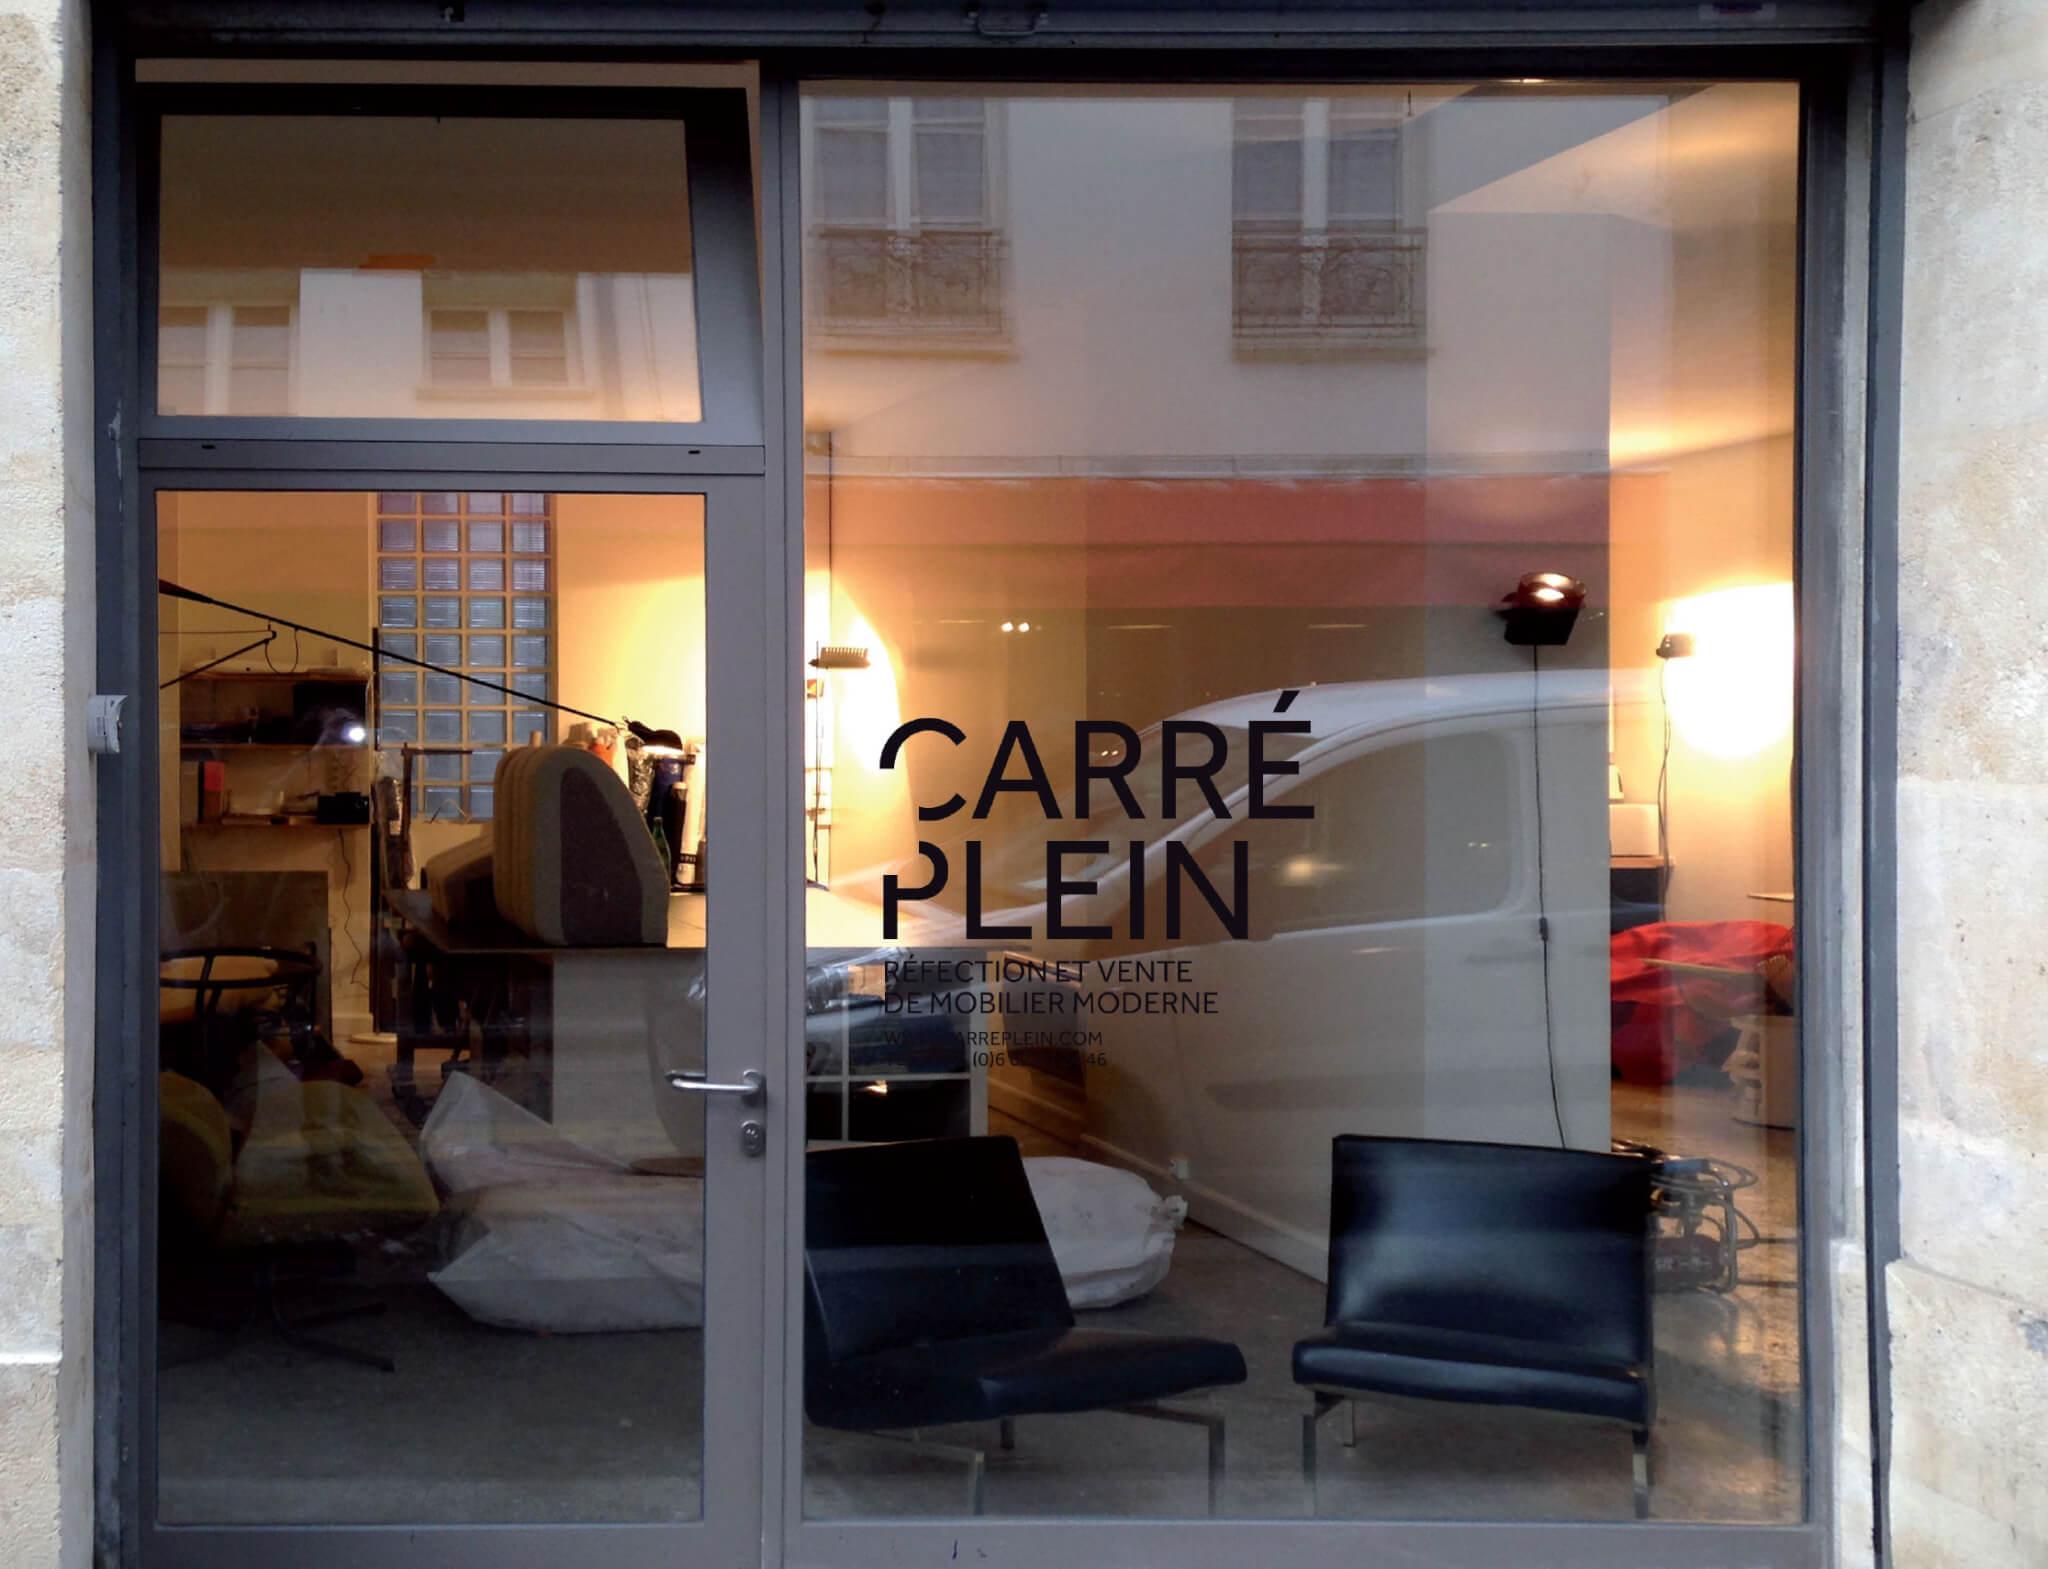 L'atelier Carré Plein rue Ramponeau à Paris